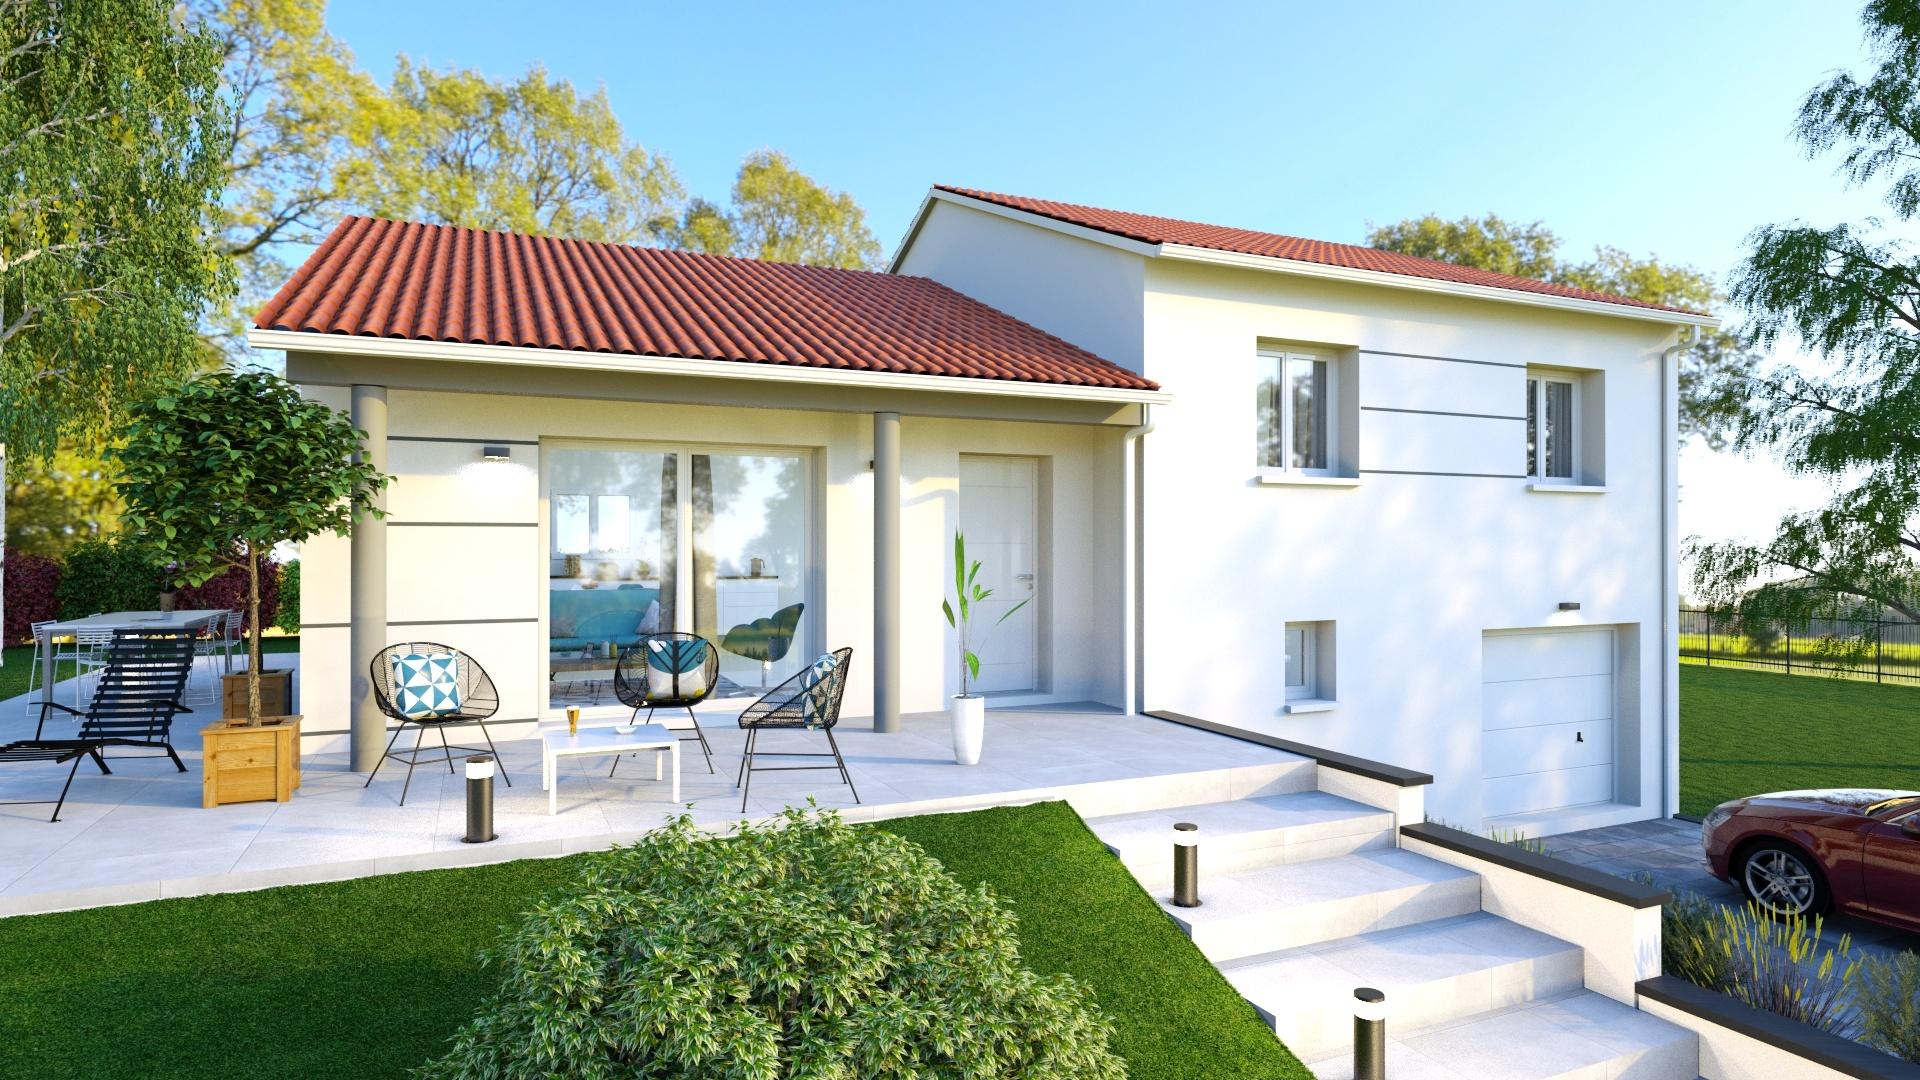 Maisons + Terrains du constructeur LOGIVELAY • 90 m² • ARSAC EN VELAY